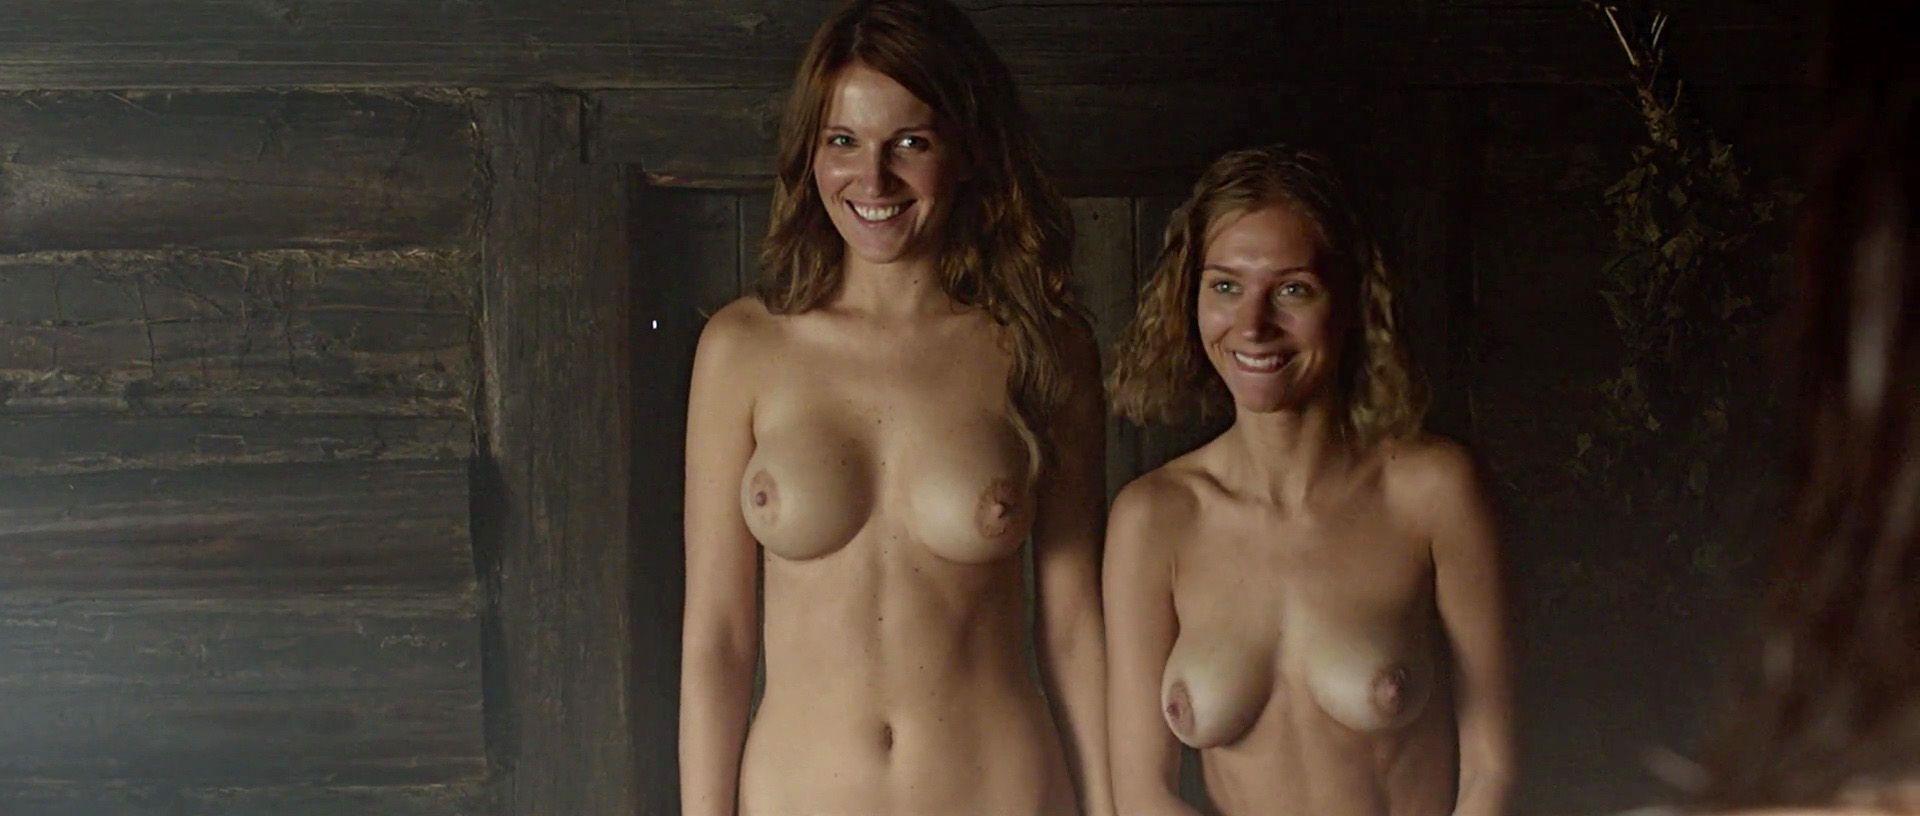 Смотреть фото голых русских артисток, Голые знаменитости в эротике и порно 13 фотография